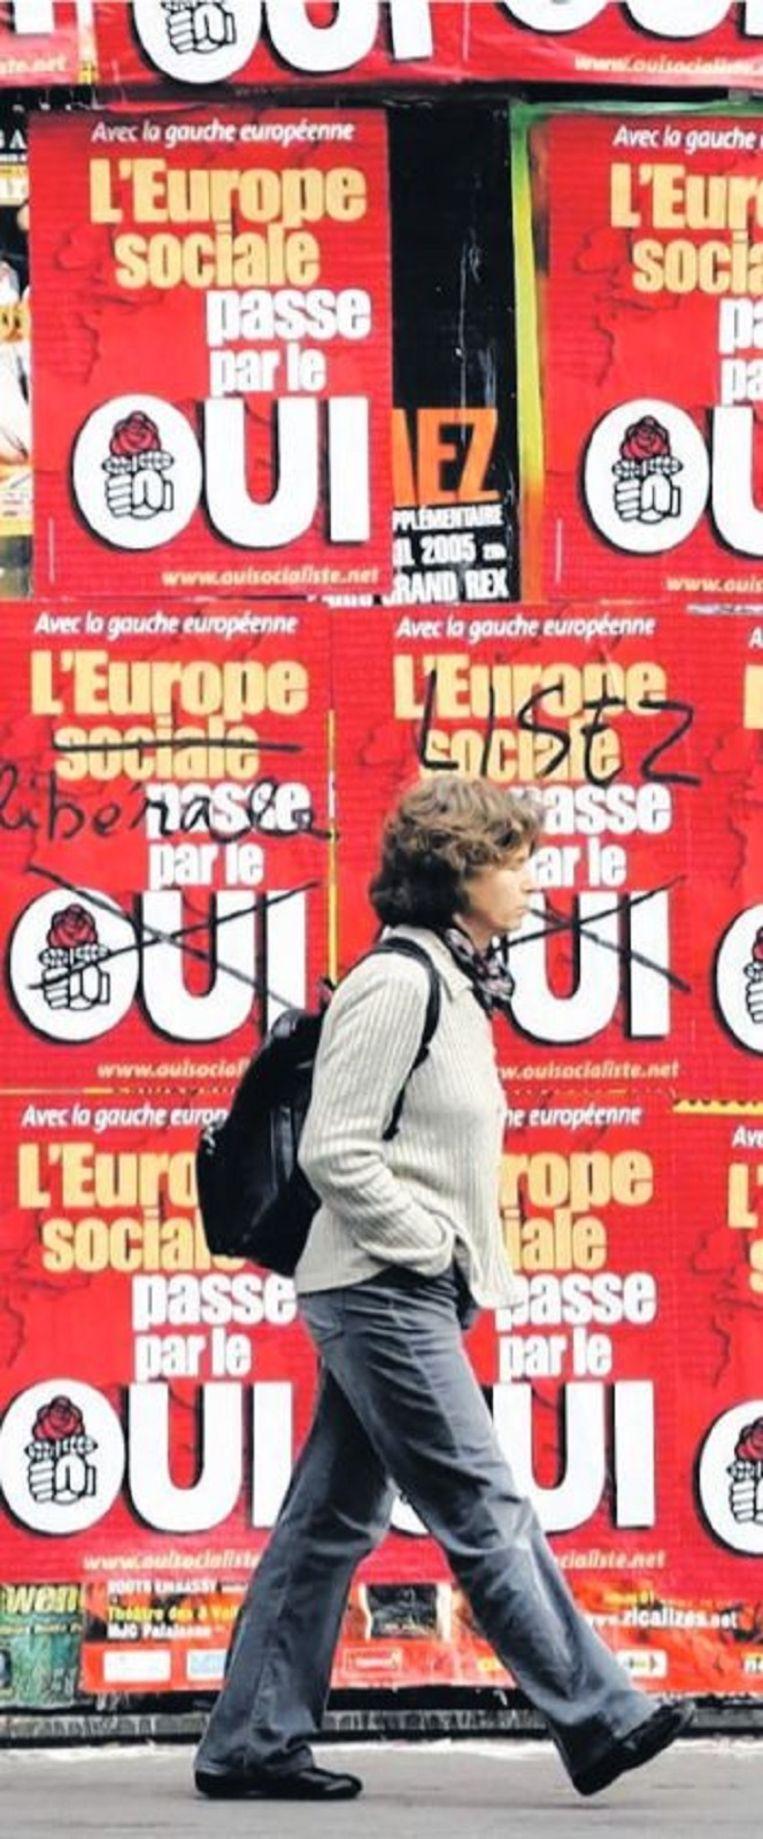 Posters voor de campagne voor het Franse referendum over de Europese grondwet in 2005 Beeld Charles Platiau